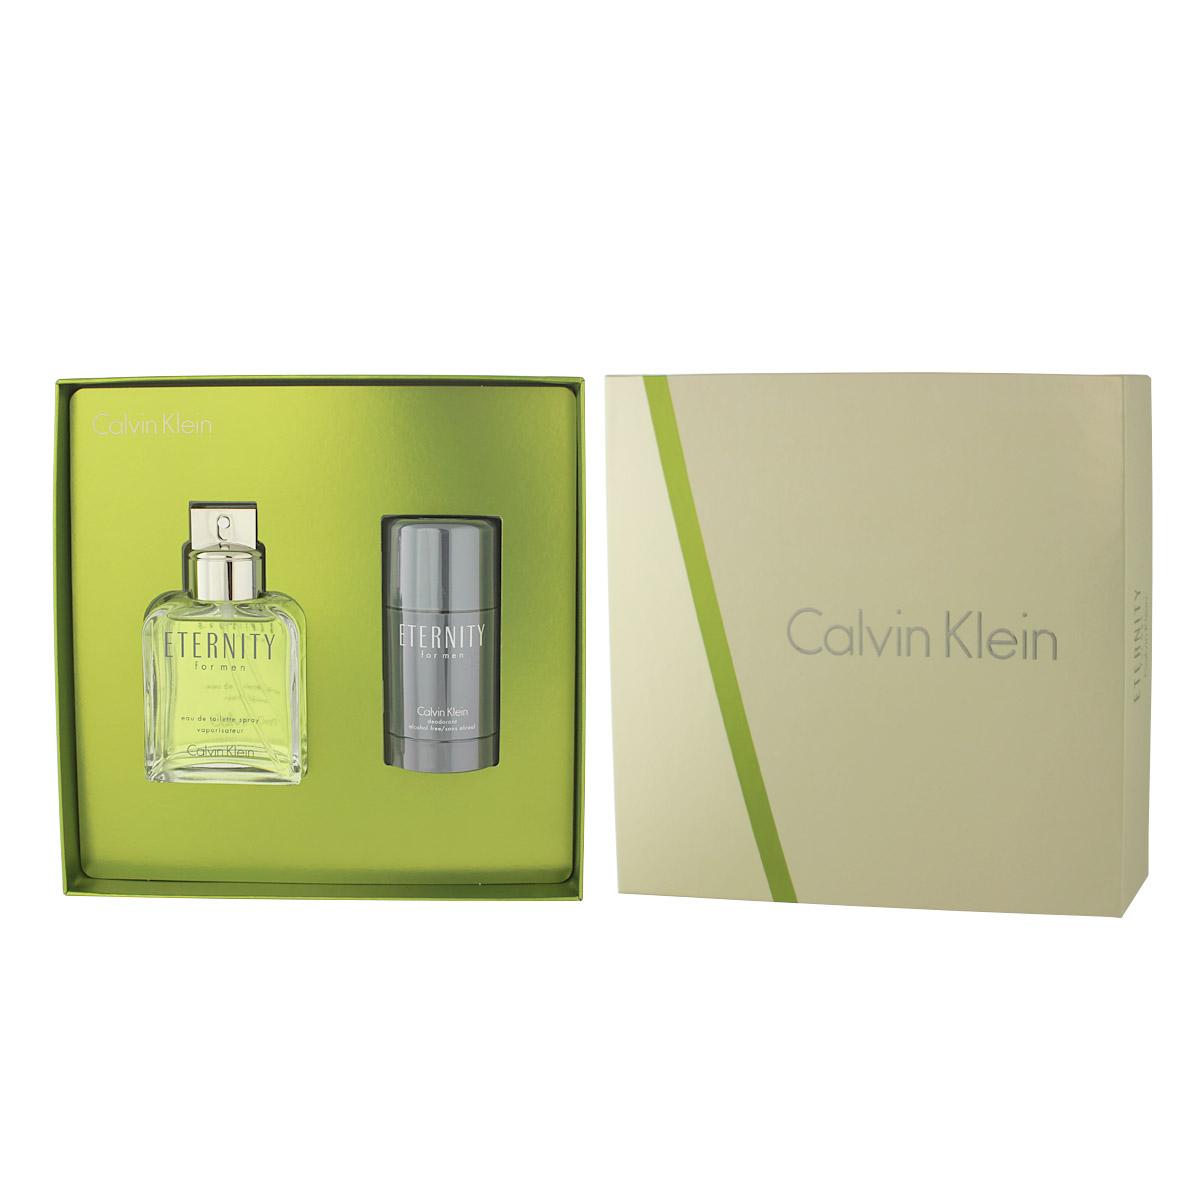 Calvin Klein Eternity for Men EDT 100 ml + DST 75 ml M